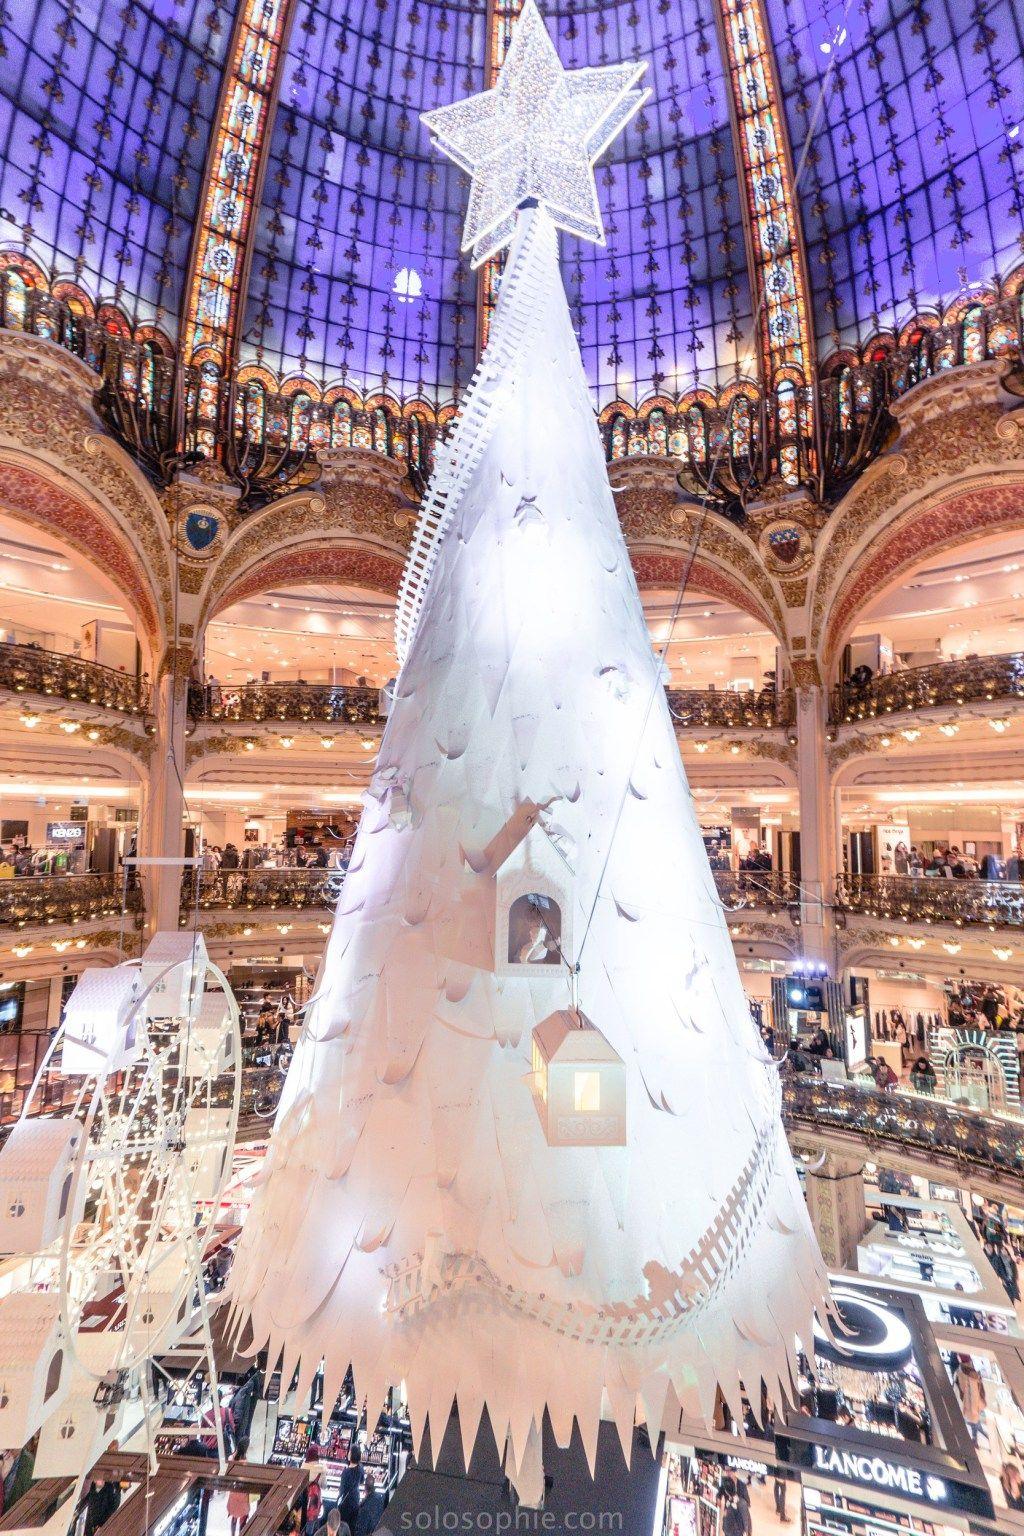 Galeries Lafayette Christmas Tree Festive Season In Paris Solosophie Christmas In Paris Christmas Travel Destinations Christmas Travel